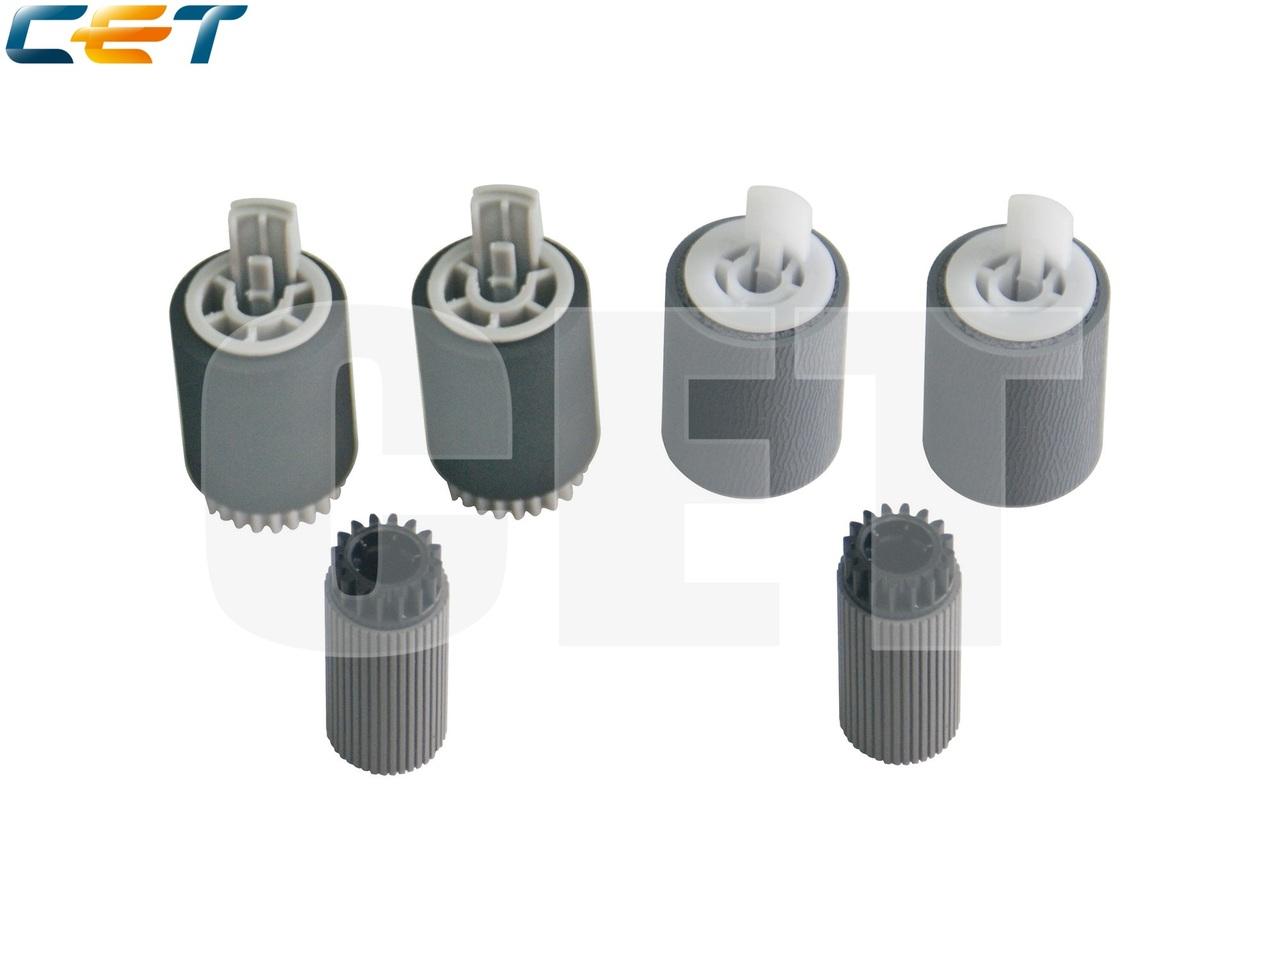 Комплект роликов FB6-3405-000 (2 шт.), FC6-7083-000 (2 шт.),FC6-6661-000 (2 шт.) для CANONiR3025/3030/3225/3230/3035/C2880/C3380 (CET), CET3986